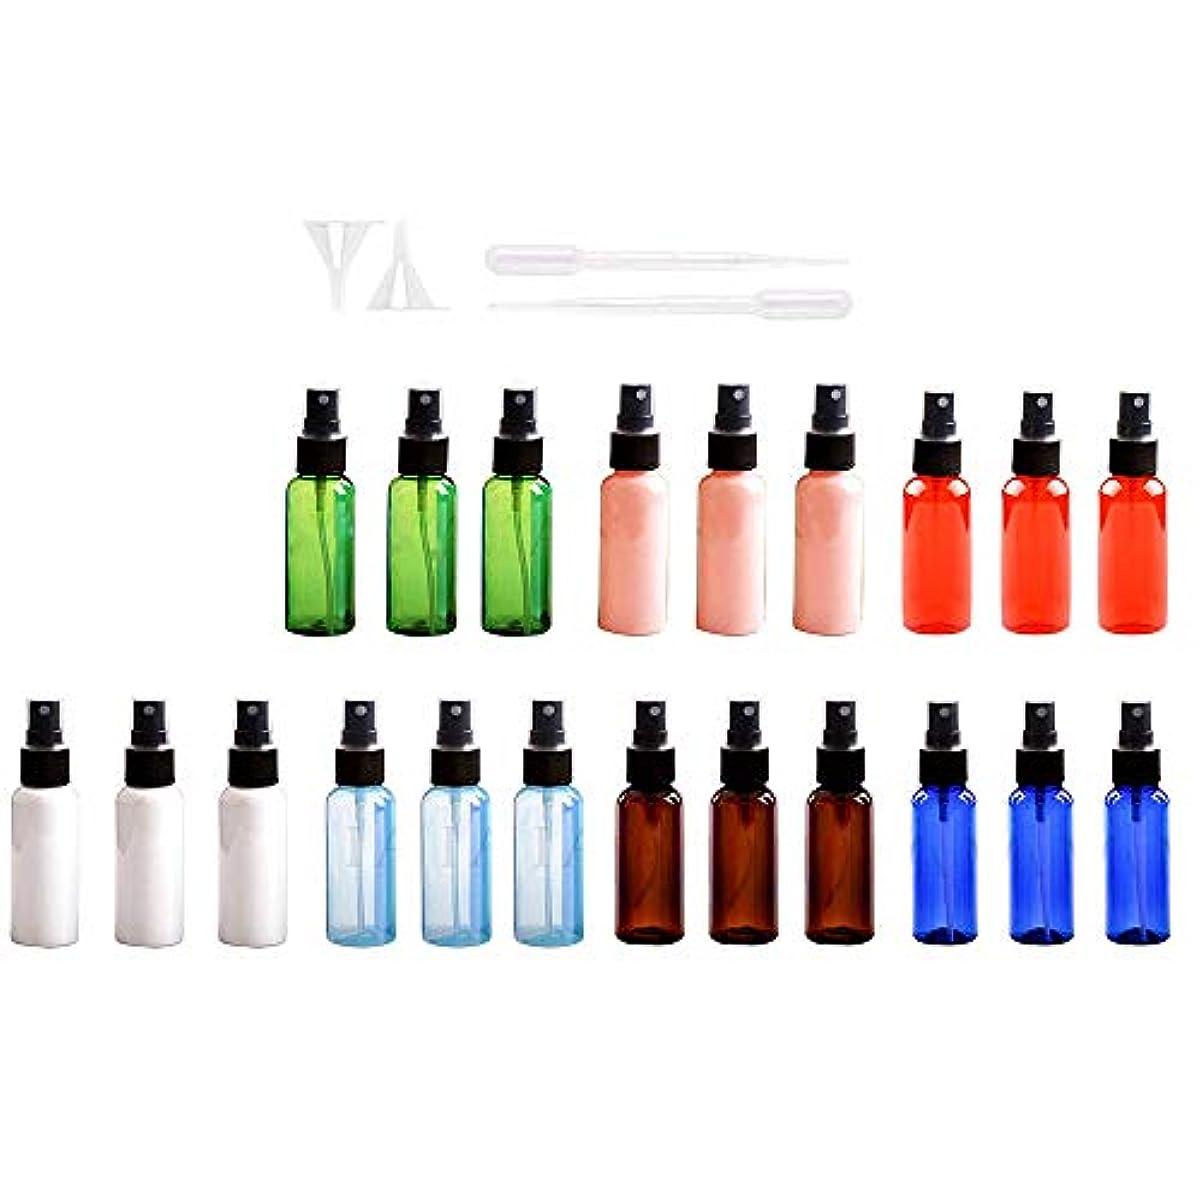 外科医ひも神秘的なスプレーボトル 21本セット 詰替ボトル 遮光 空容器 霧吹き30ML 遮光瓶スプレーキャップ付 プラスチック製